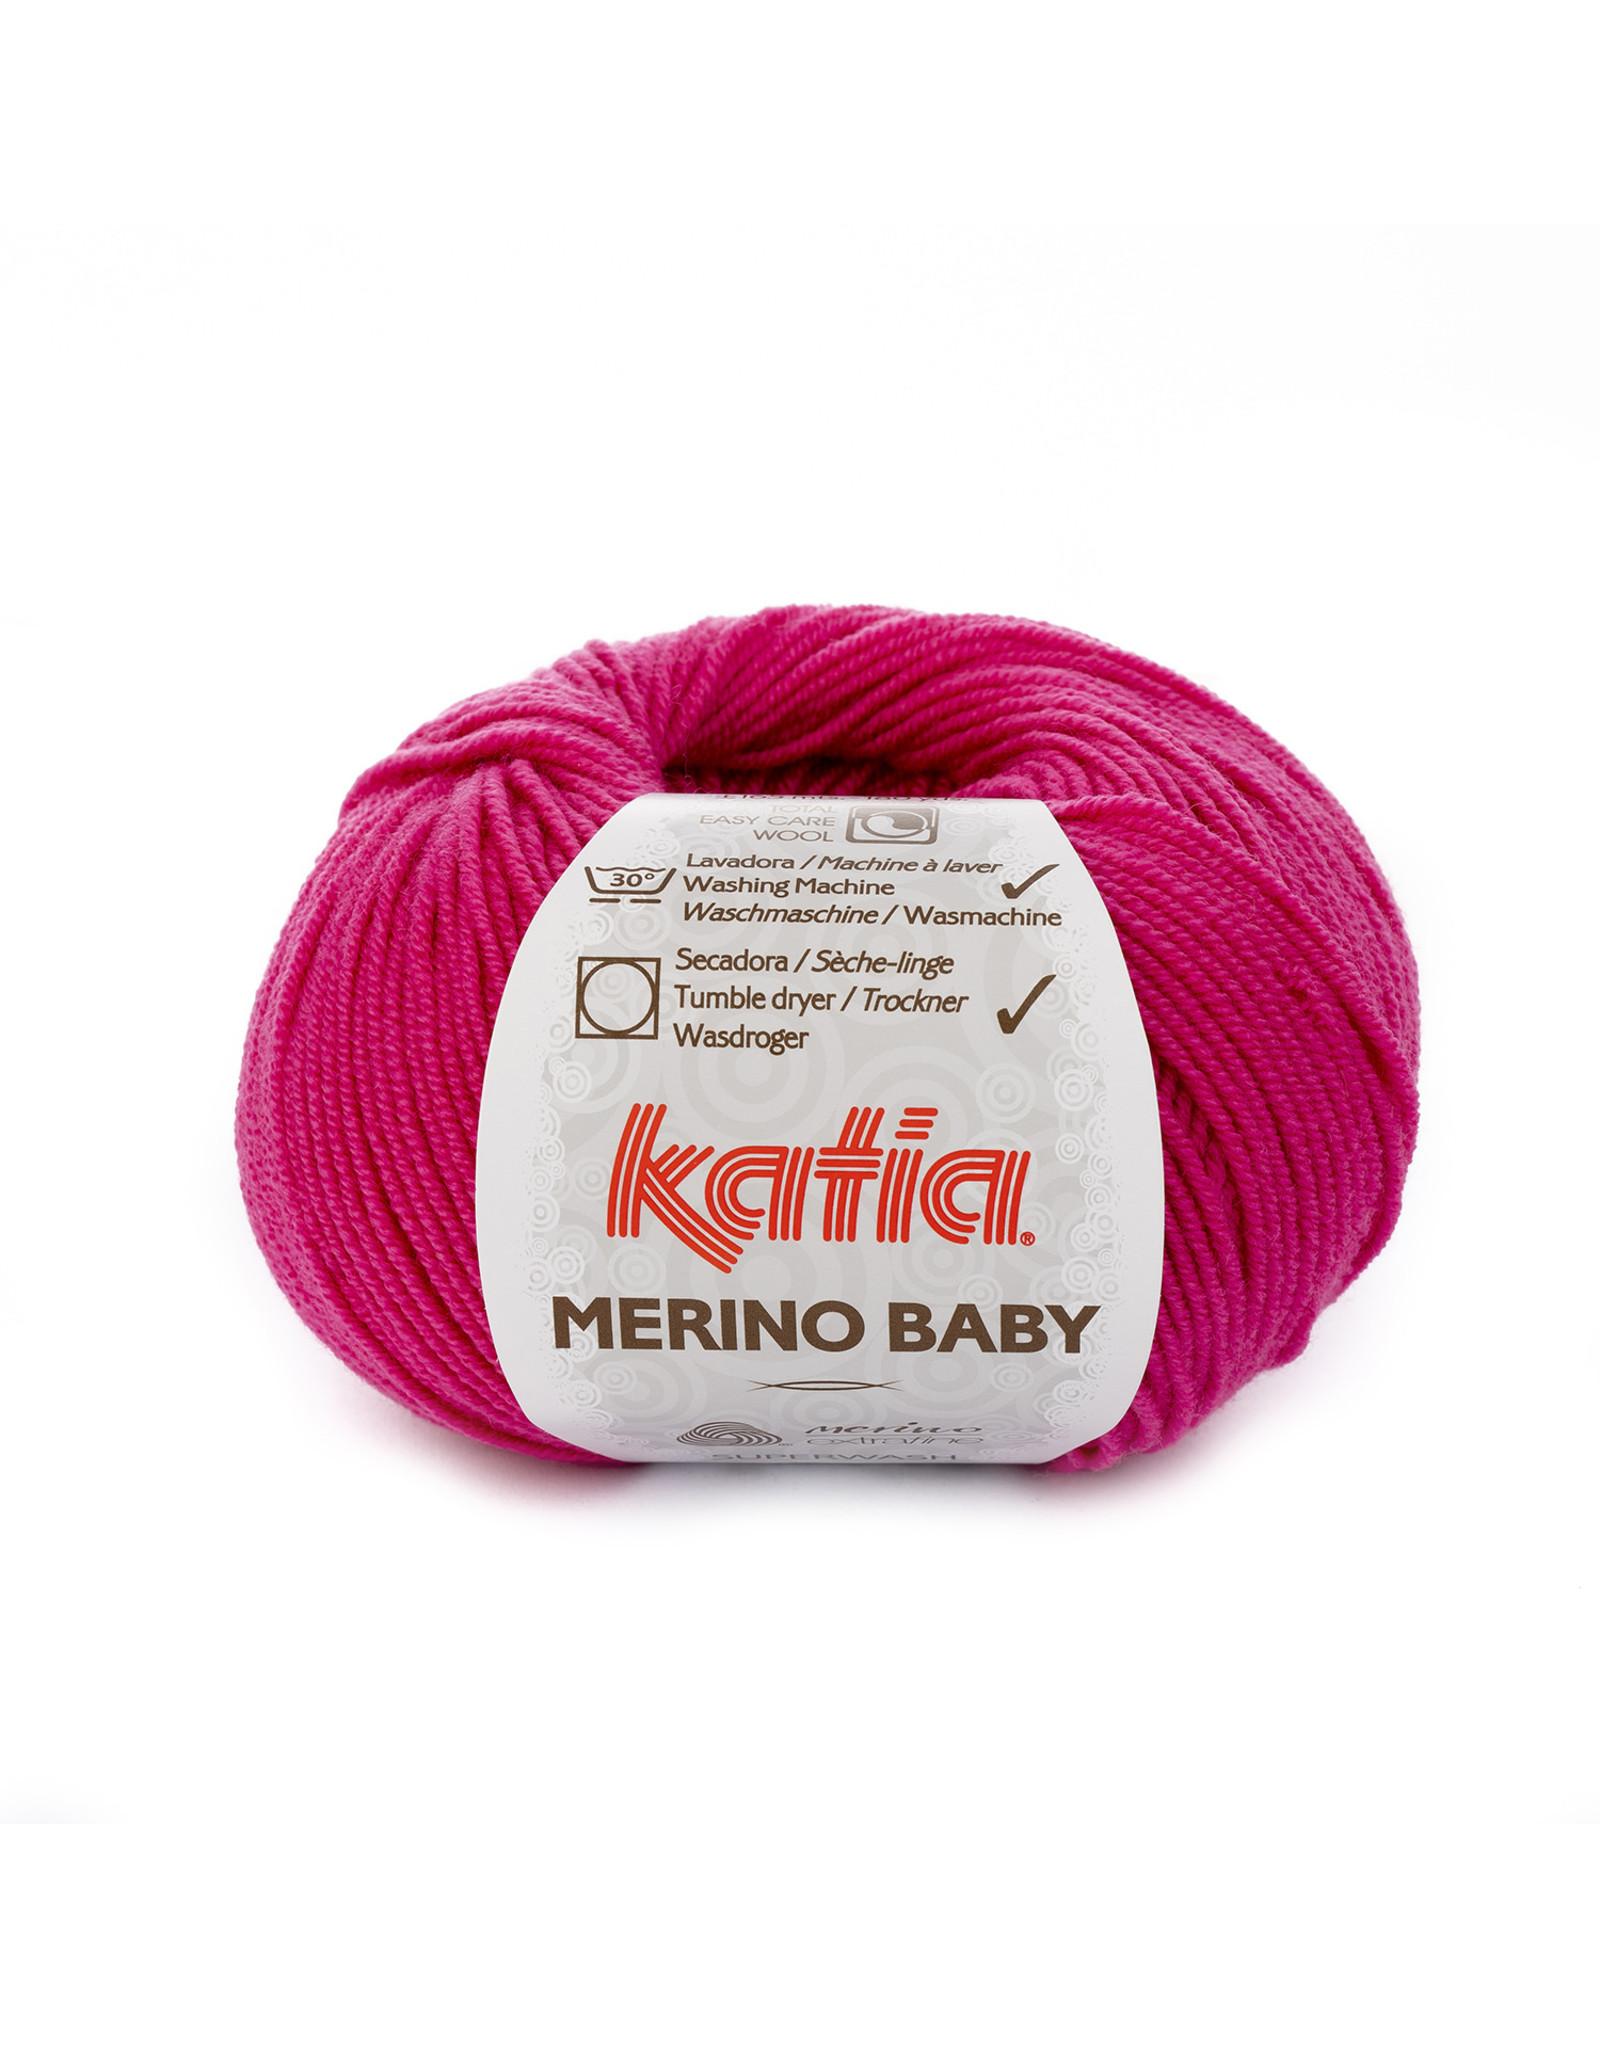 Katia Katia Merino Baby - kleur 60 fuchsia - bundel 5 x 50 gr.